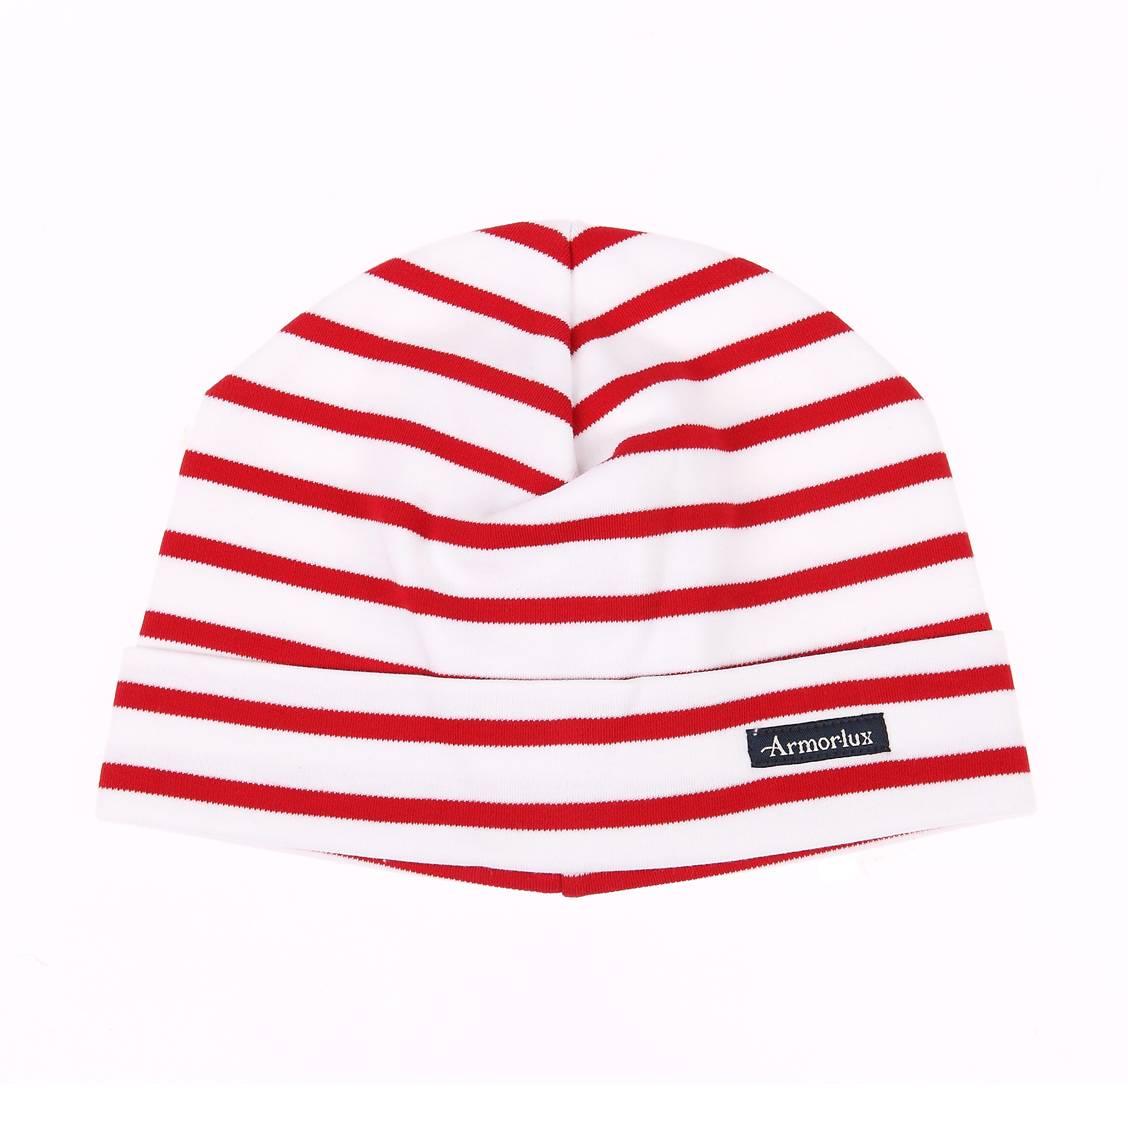 Bonnet rayé Treguier Armor Lux blanc et rouge